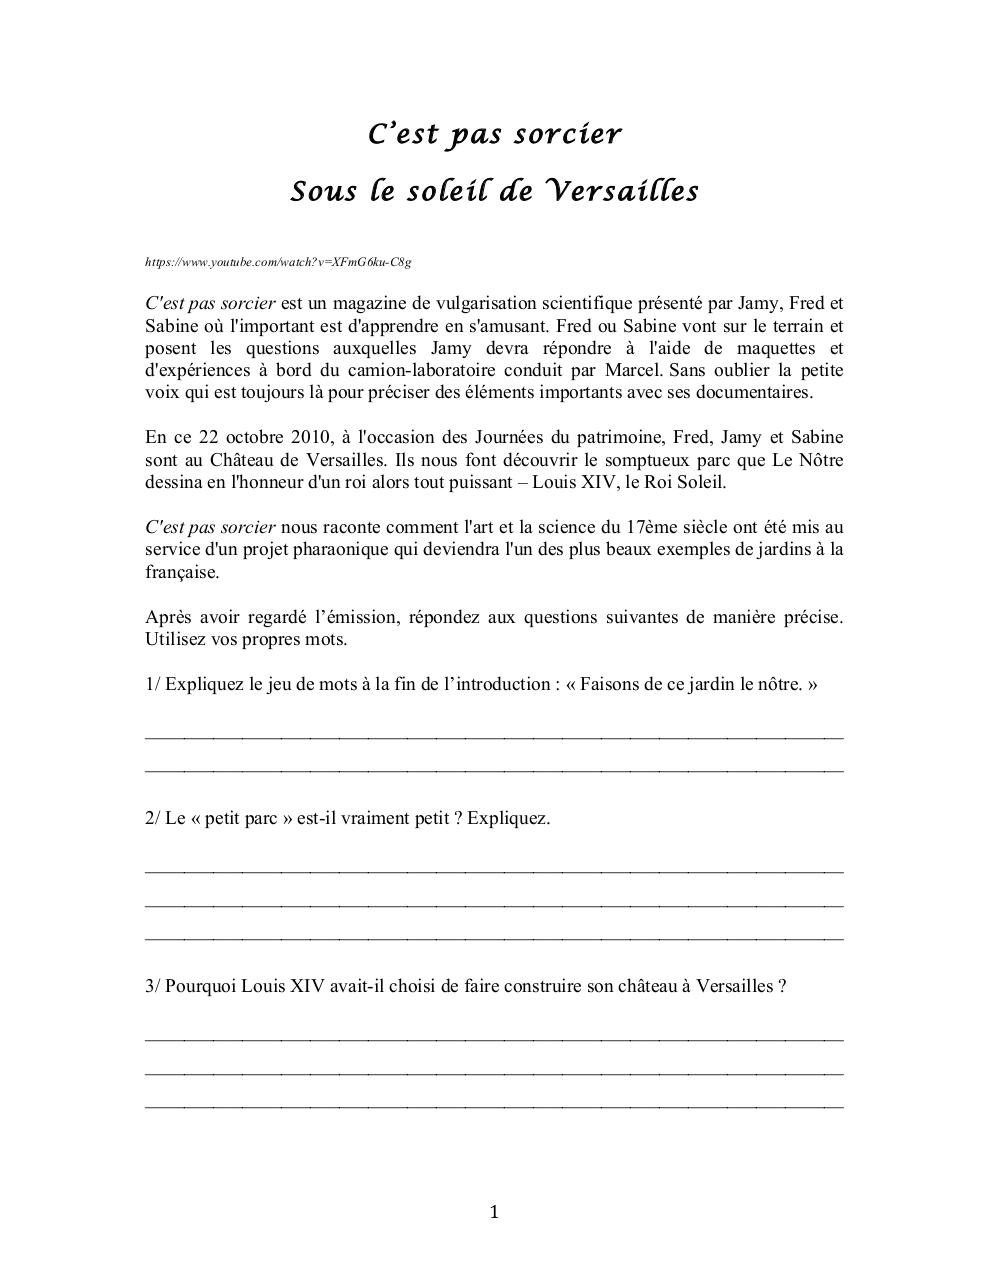 Louis Xiv C Est Pas Sorcier : louis, sorcier, Questionnaire, C'est, Sorcier, Soleil, Versailles, Carole, Figuet, Fichier